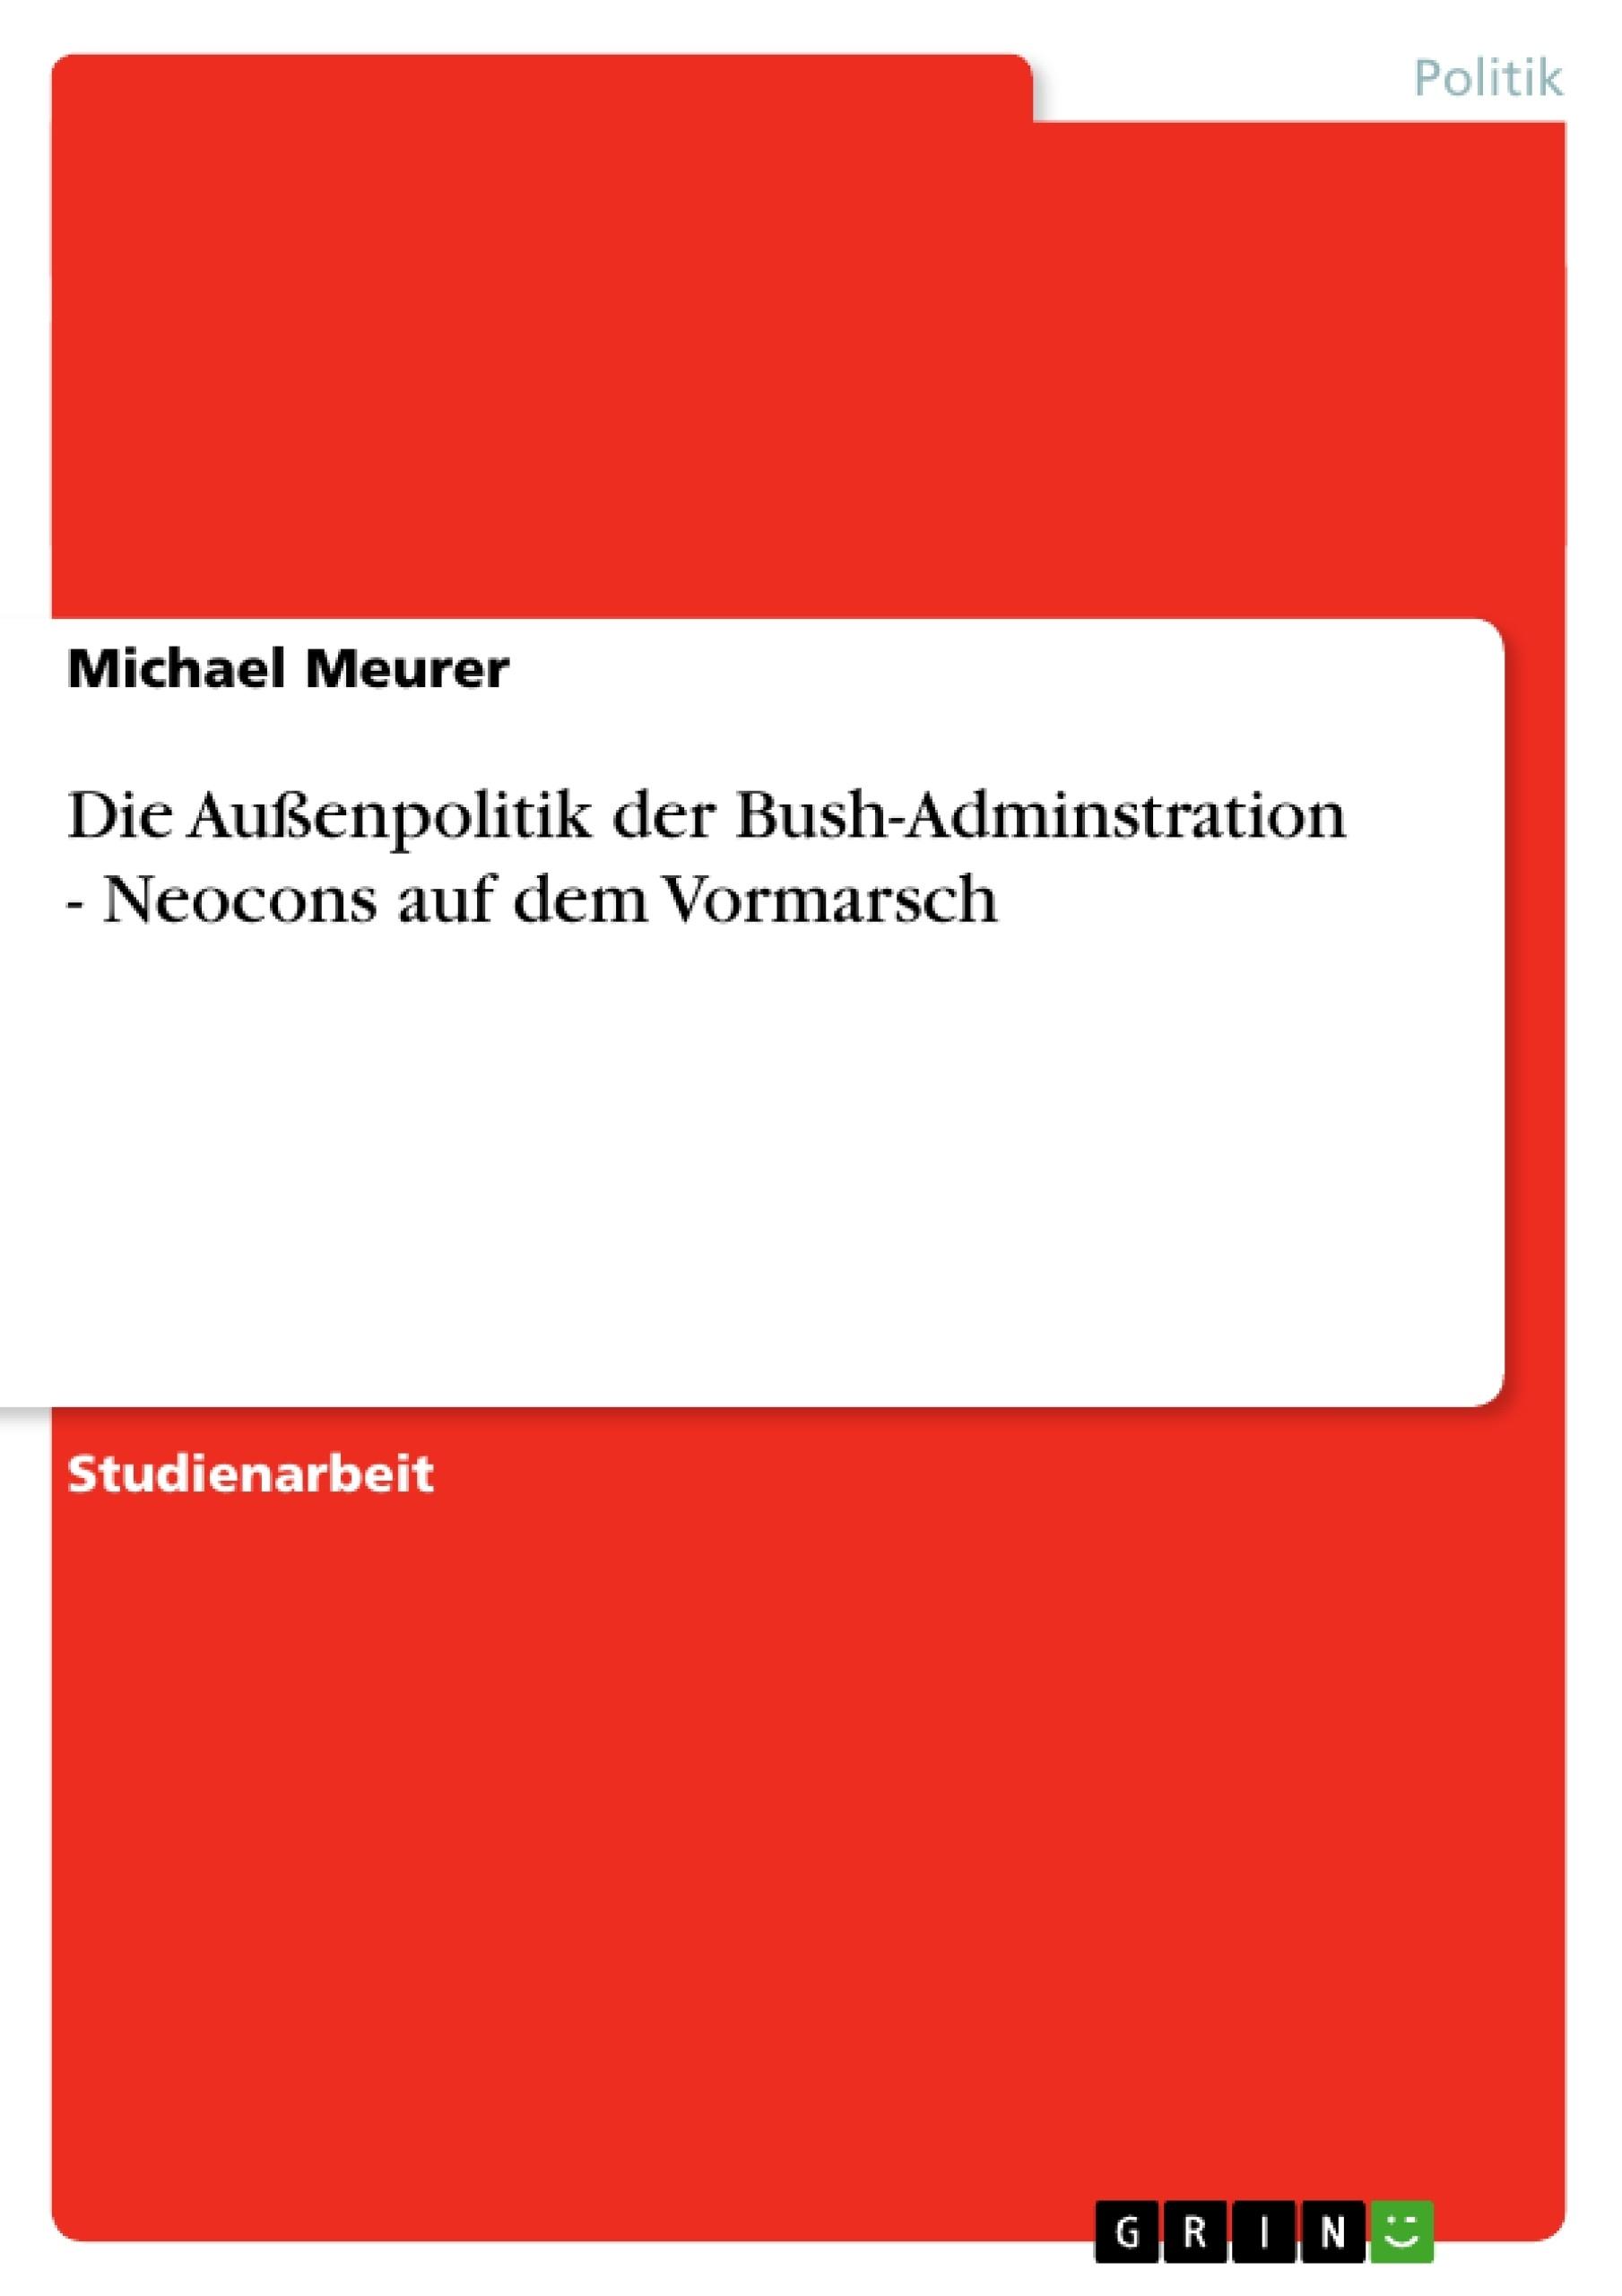 Titel: Die Außenpolitik der Bush-Adminstration - Neocons auf dem Vormarsch